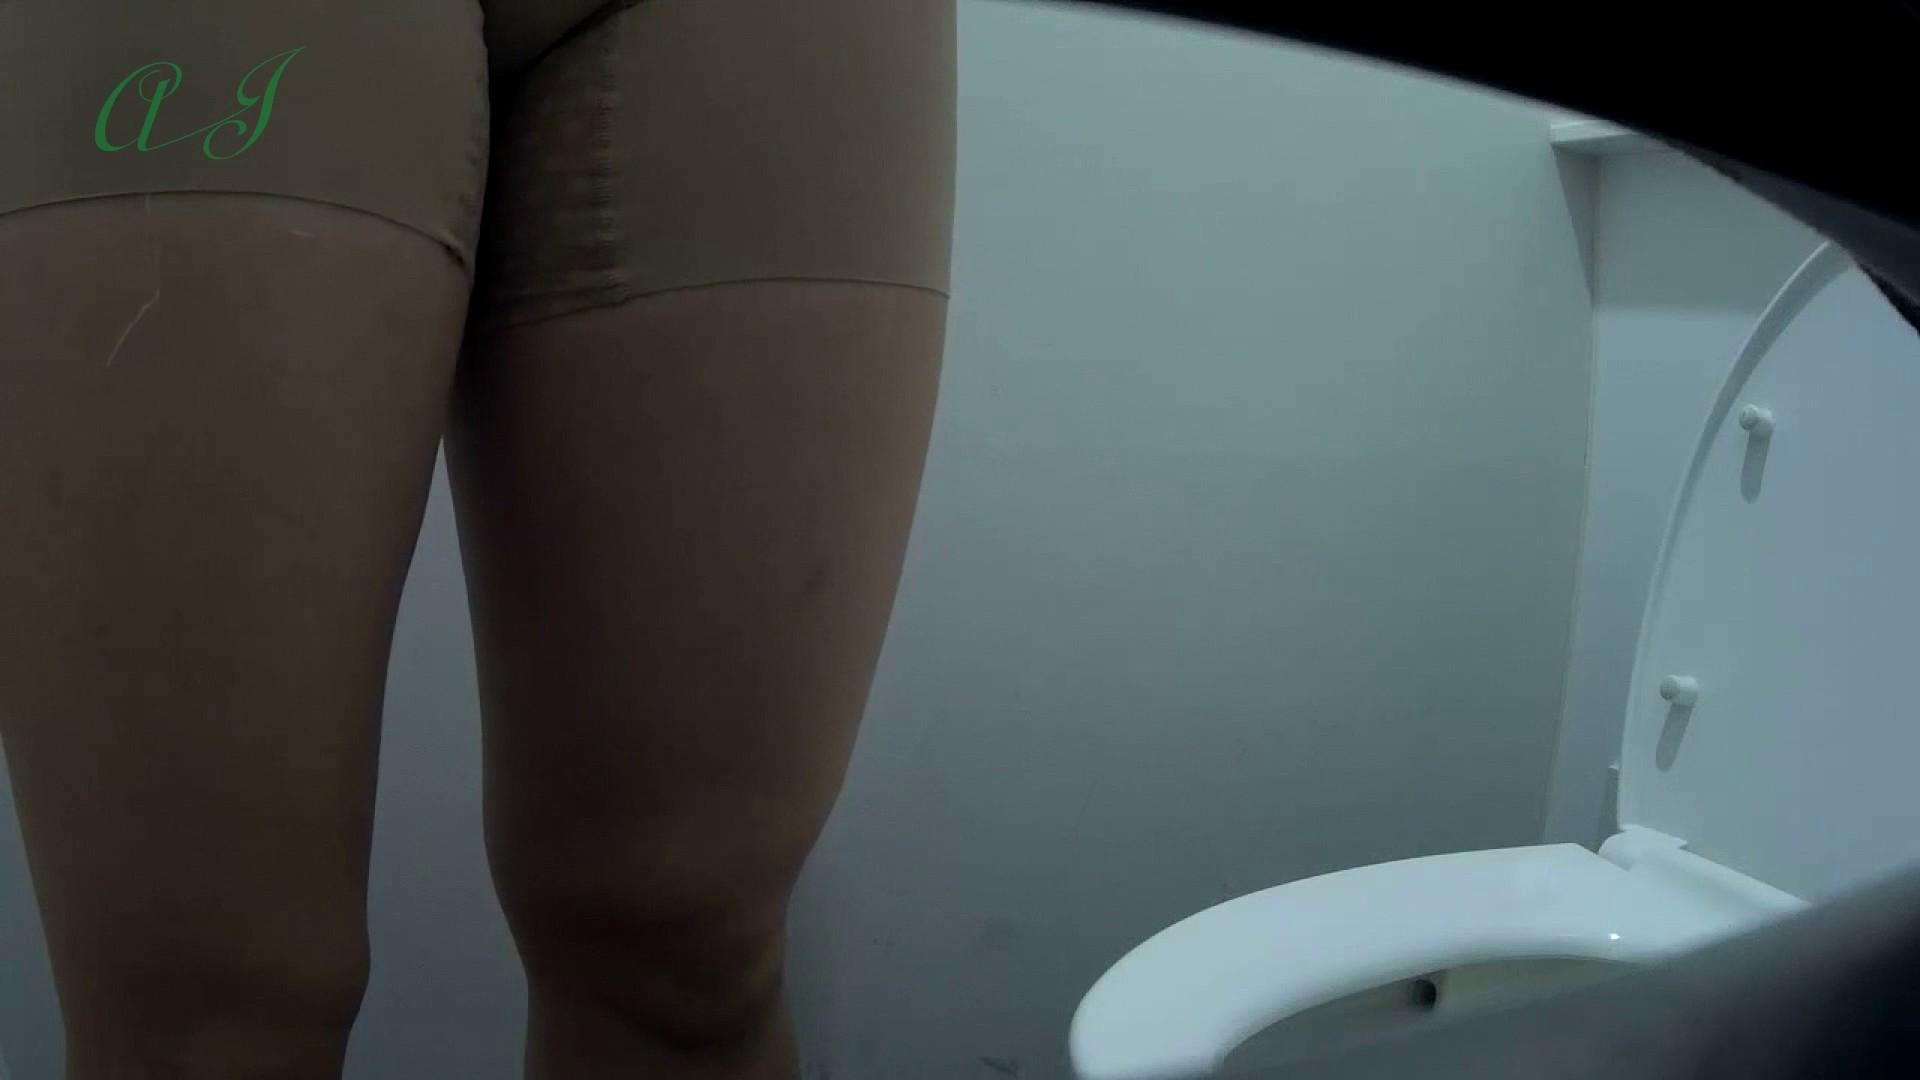 有名大学女性洗面所 vol.67トイレの女神さま♪ 和式 盗撮おめこ無修正動画無料 108PICs 11